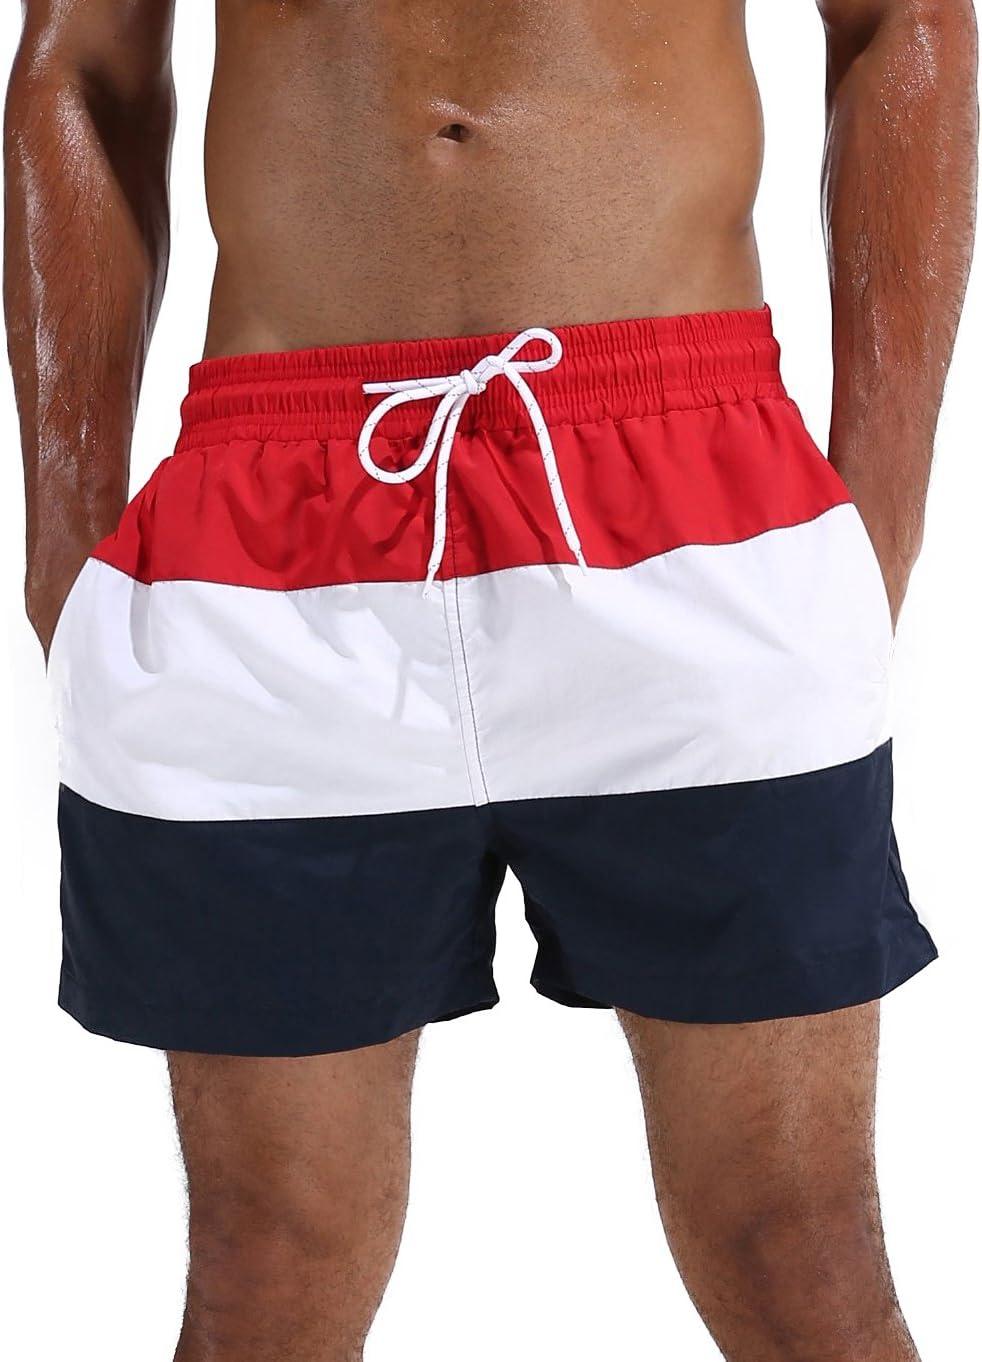 Arcweg Bañador Hombre Chico Playa Poliéster Pantalon Corto Hombre Deporte Secado Rápido Bañadores Natacion Ligero Moda Shorts Tallas Grandes 38-50